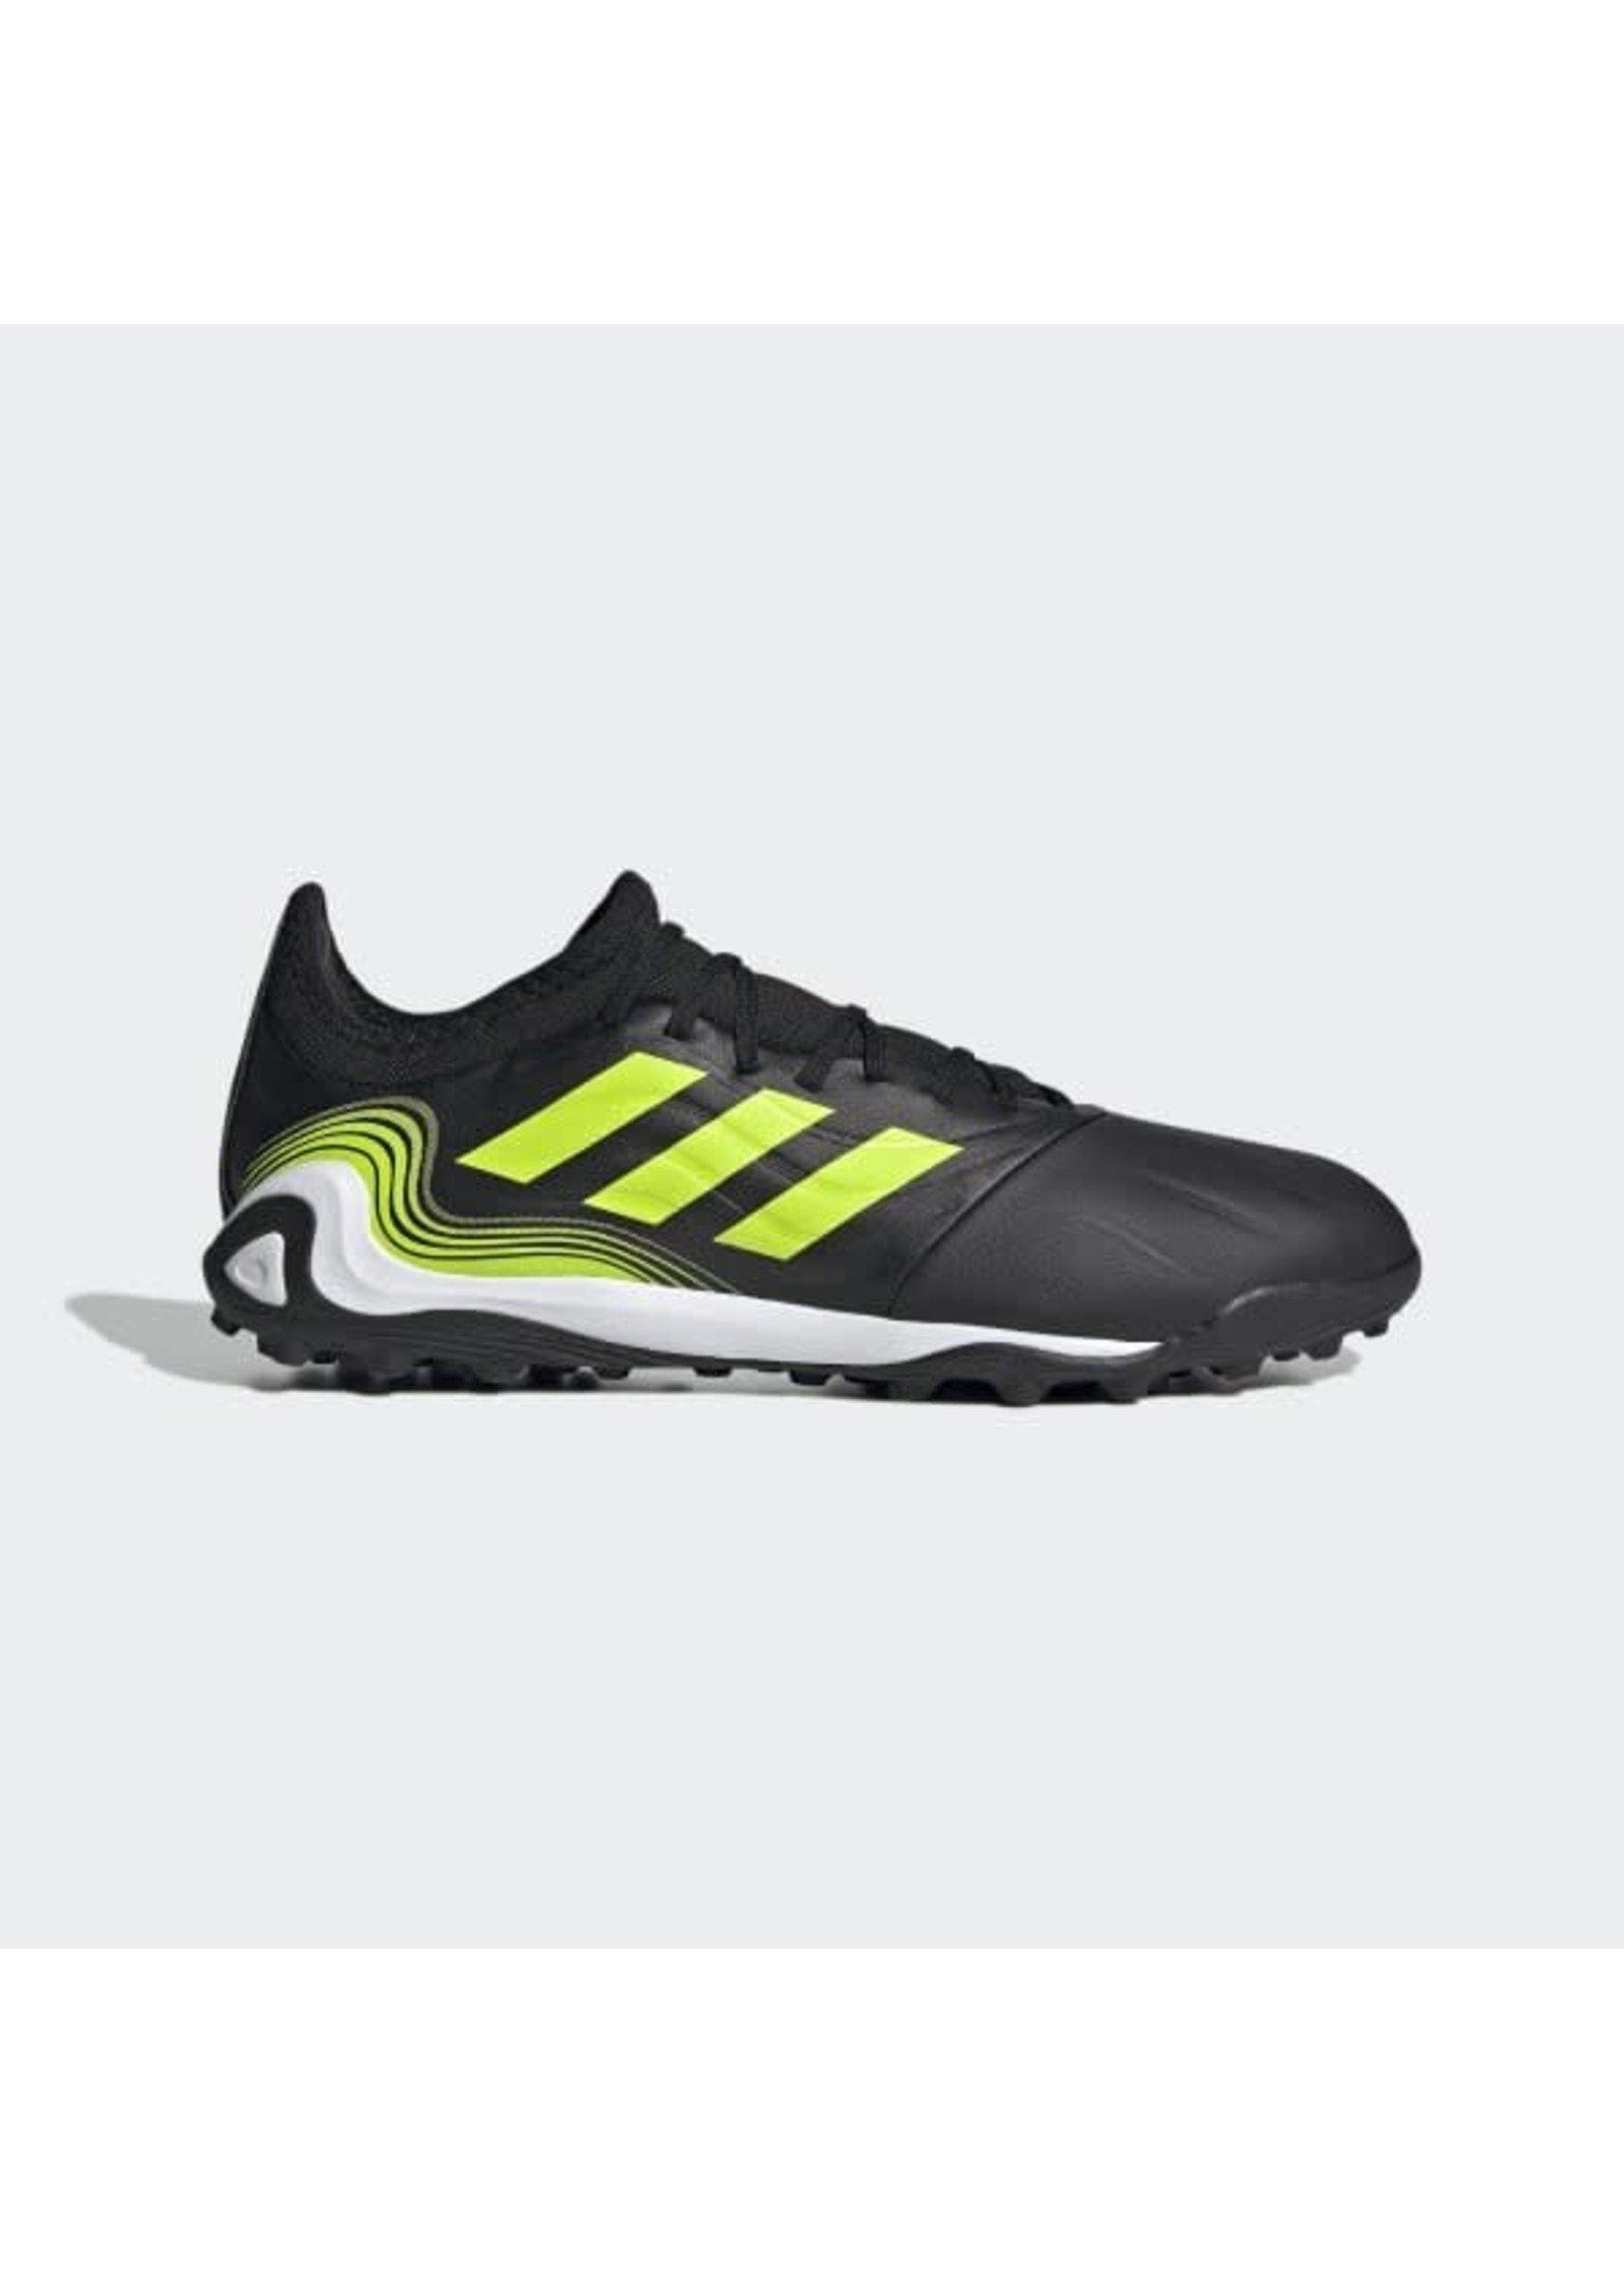 Adidas Copa Sense.3 TF - Black/Volt